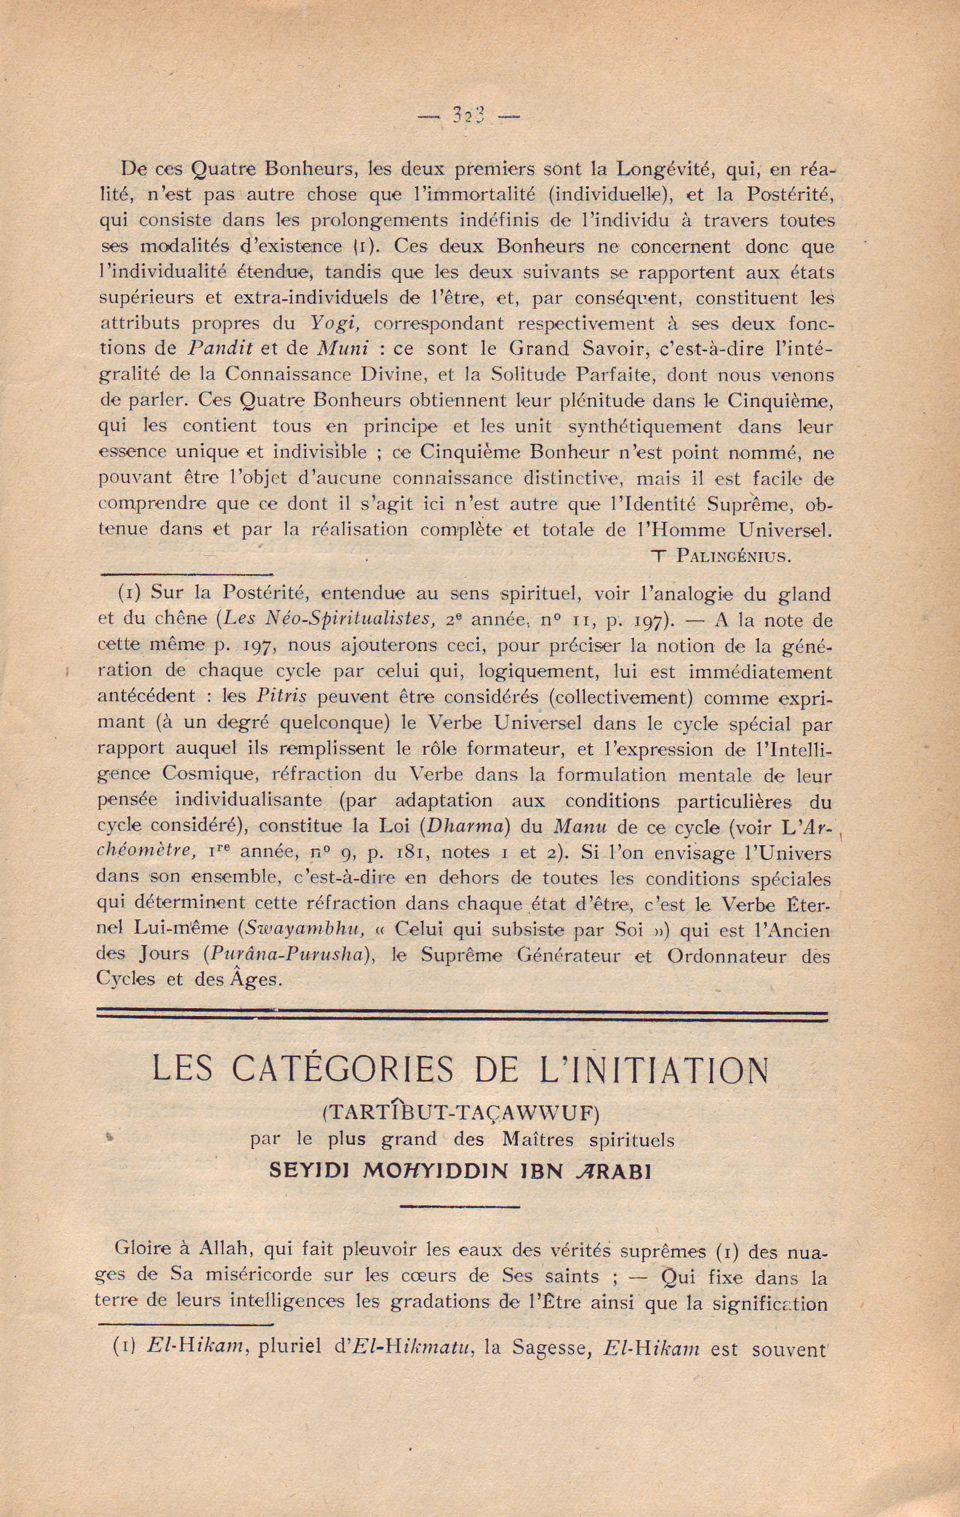 Les Catégories...1. 323